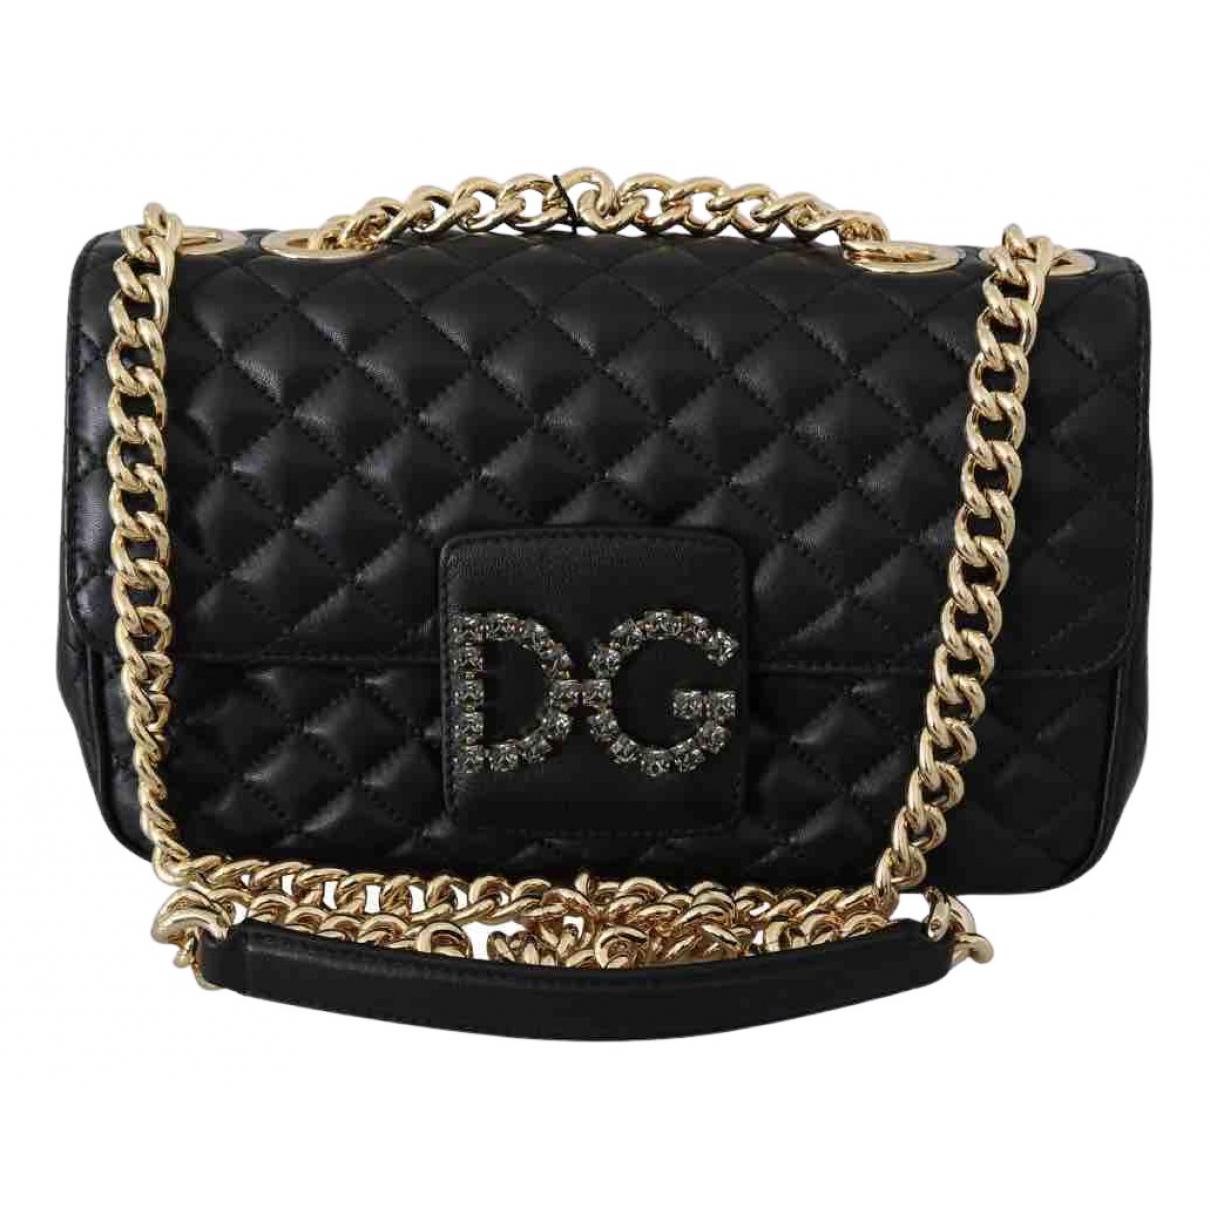 Dolce & Gabbana - Sac a main Millenials pour femme en cuir - noir